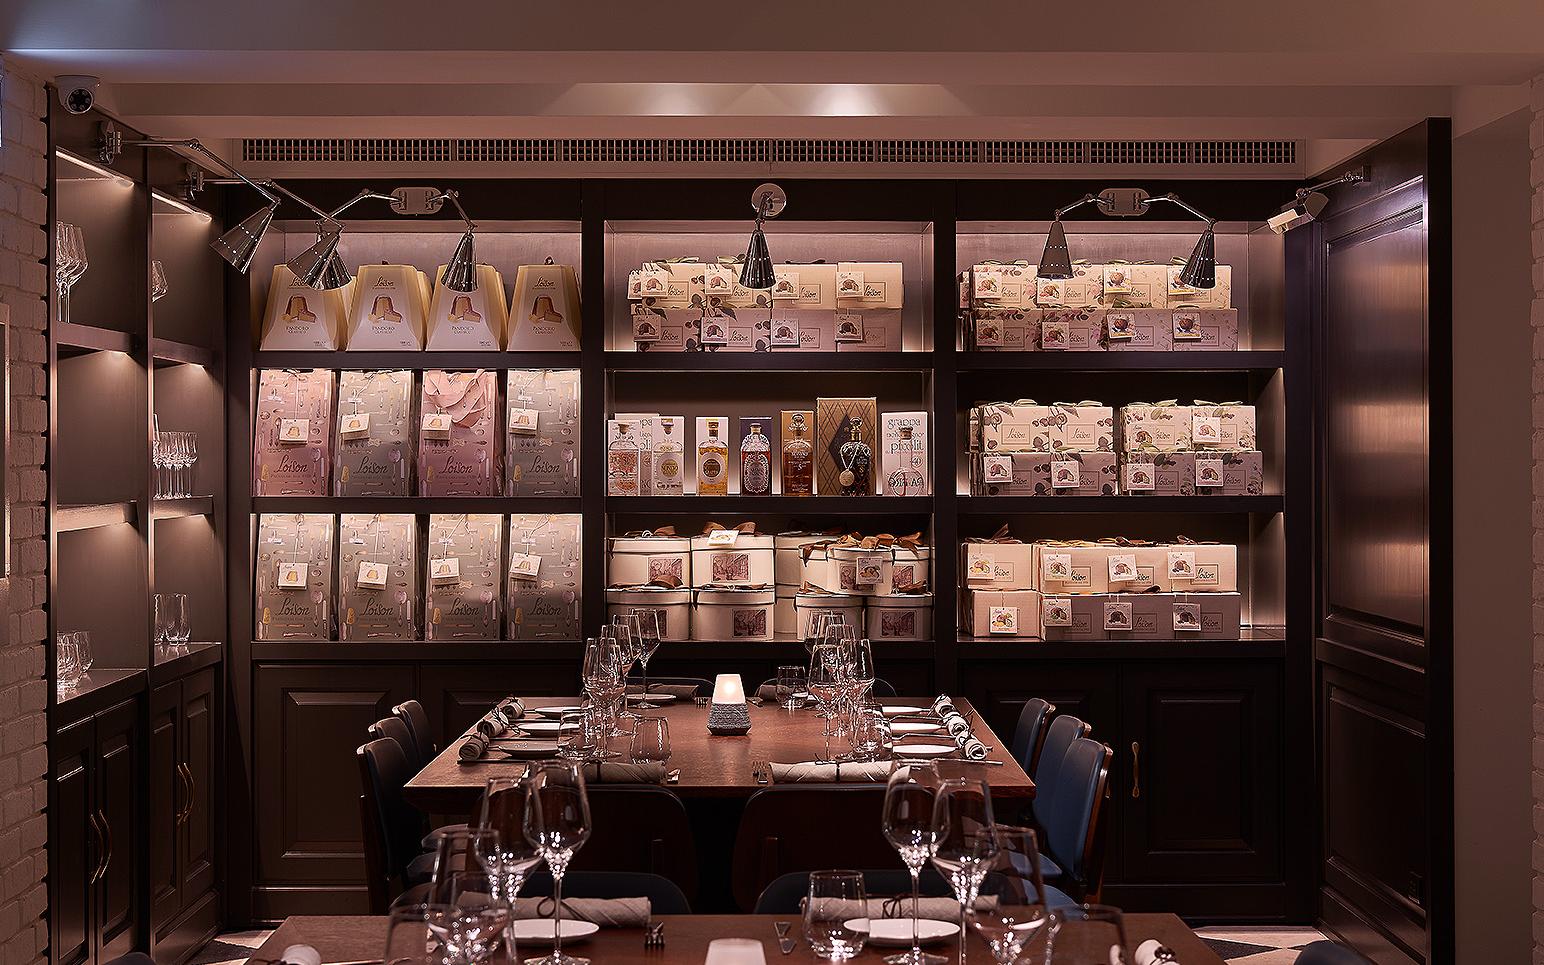 IL MERCATO 義瑪卡多義大利餐廳